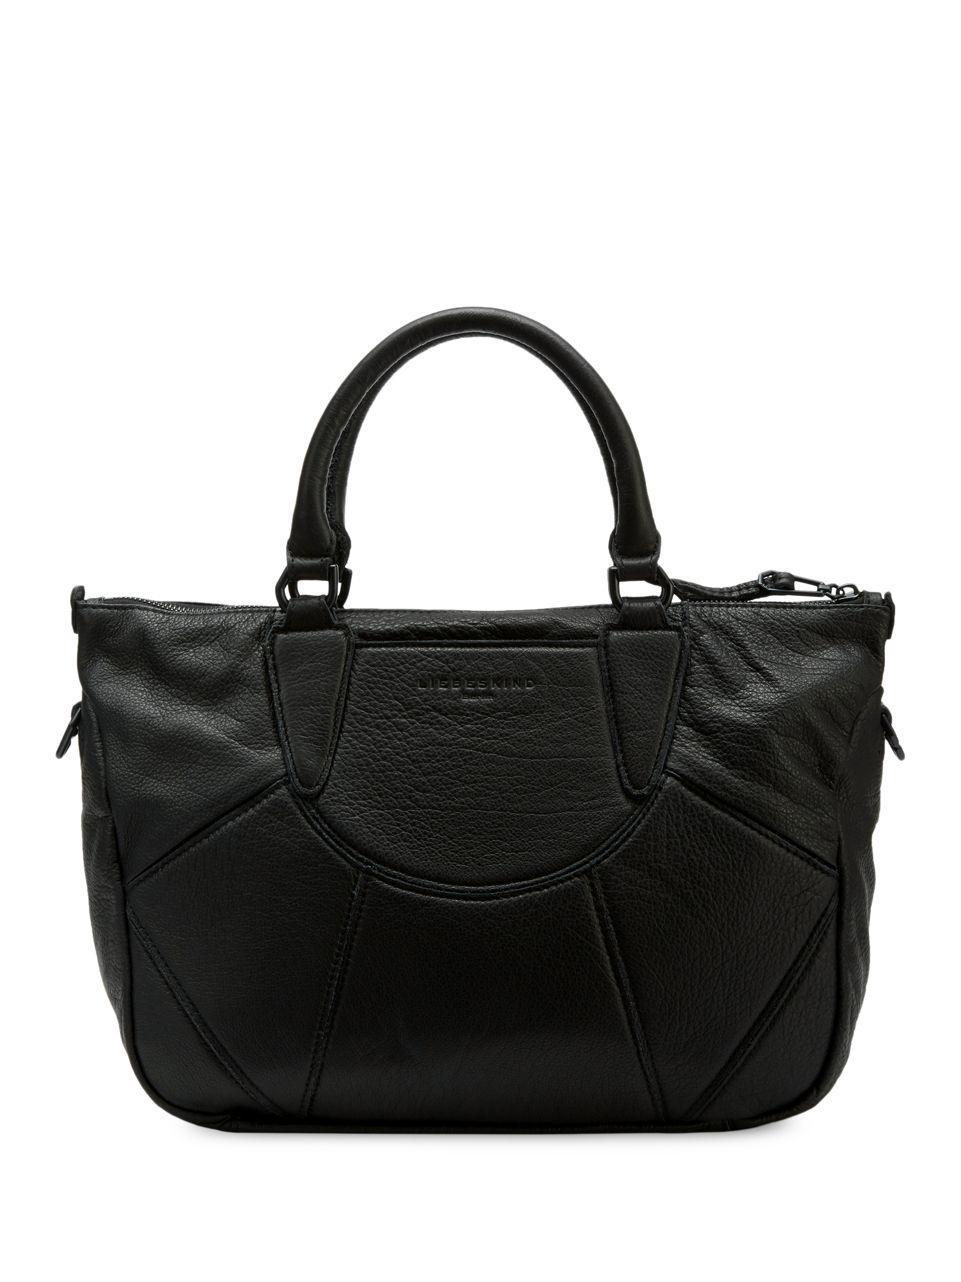 liebeskind berlin esther leather handbag in black lyst. Black Bedroom Furniture Sets. Home Design Ideas